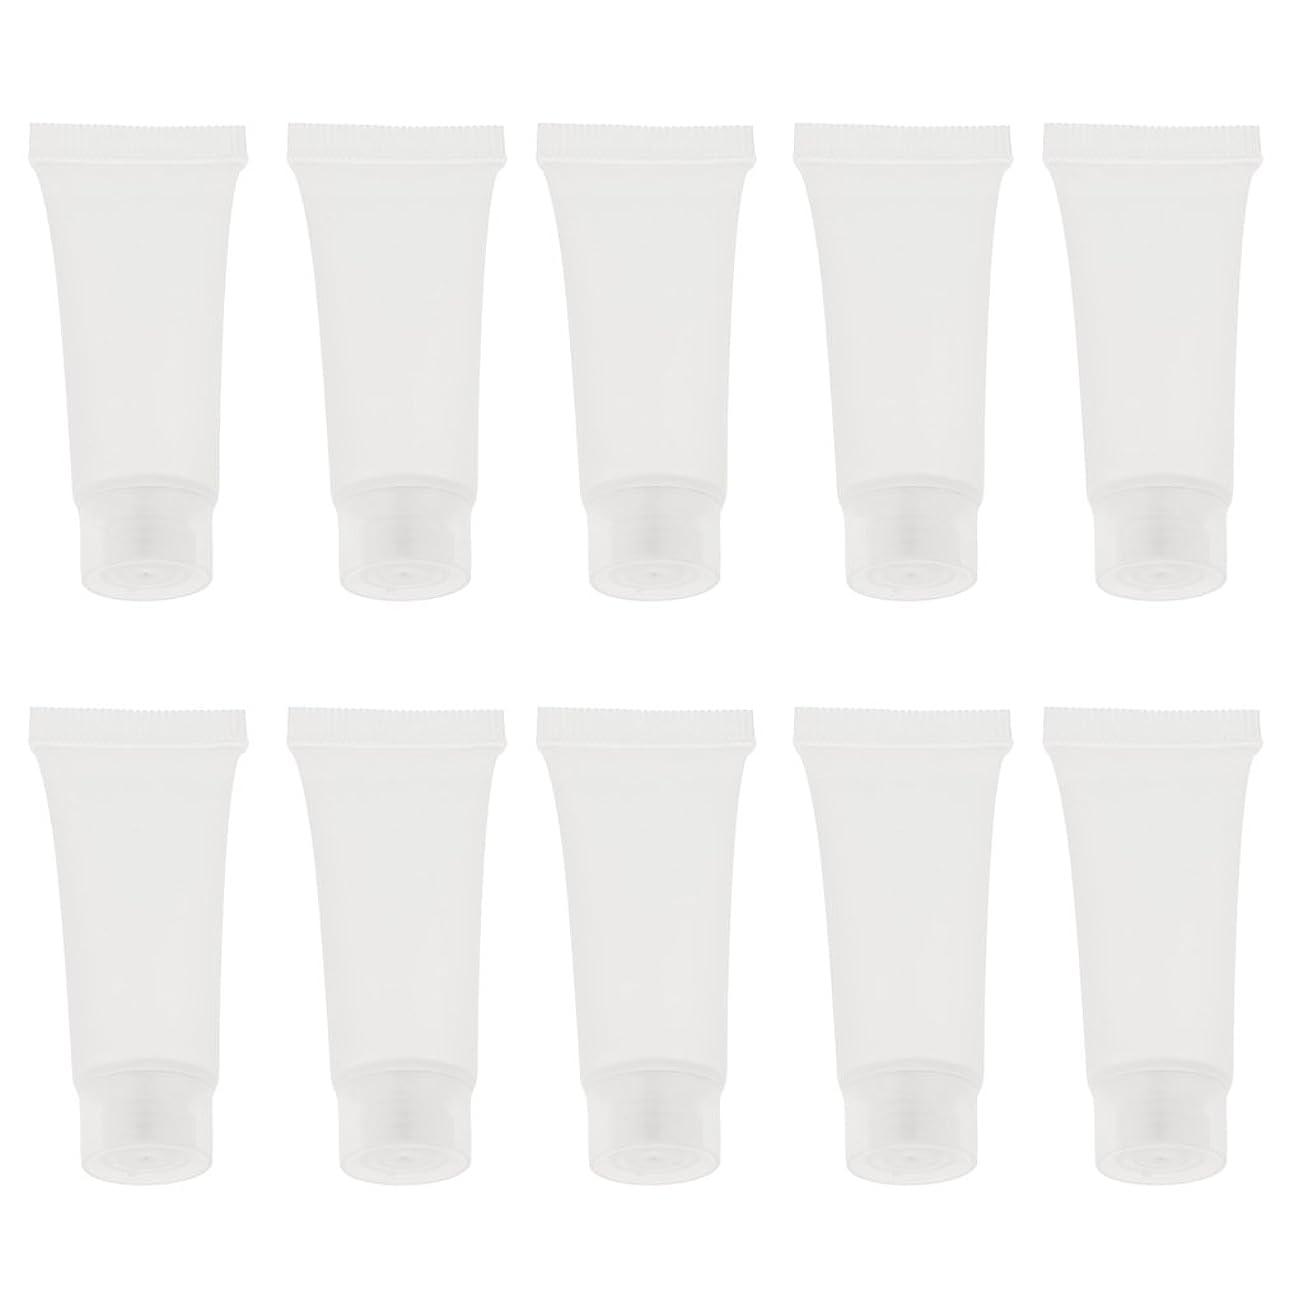 カメピアノを弾くリーズBaosity 10個 空チューブ クリームチューブ 空ボトル コスメ 香水 オイル 詰替え DIY スキンケア 2サイズ選べる - 10g